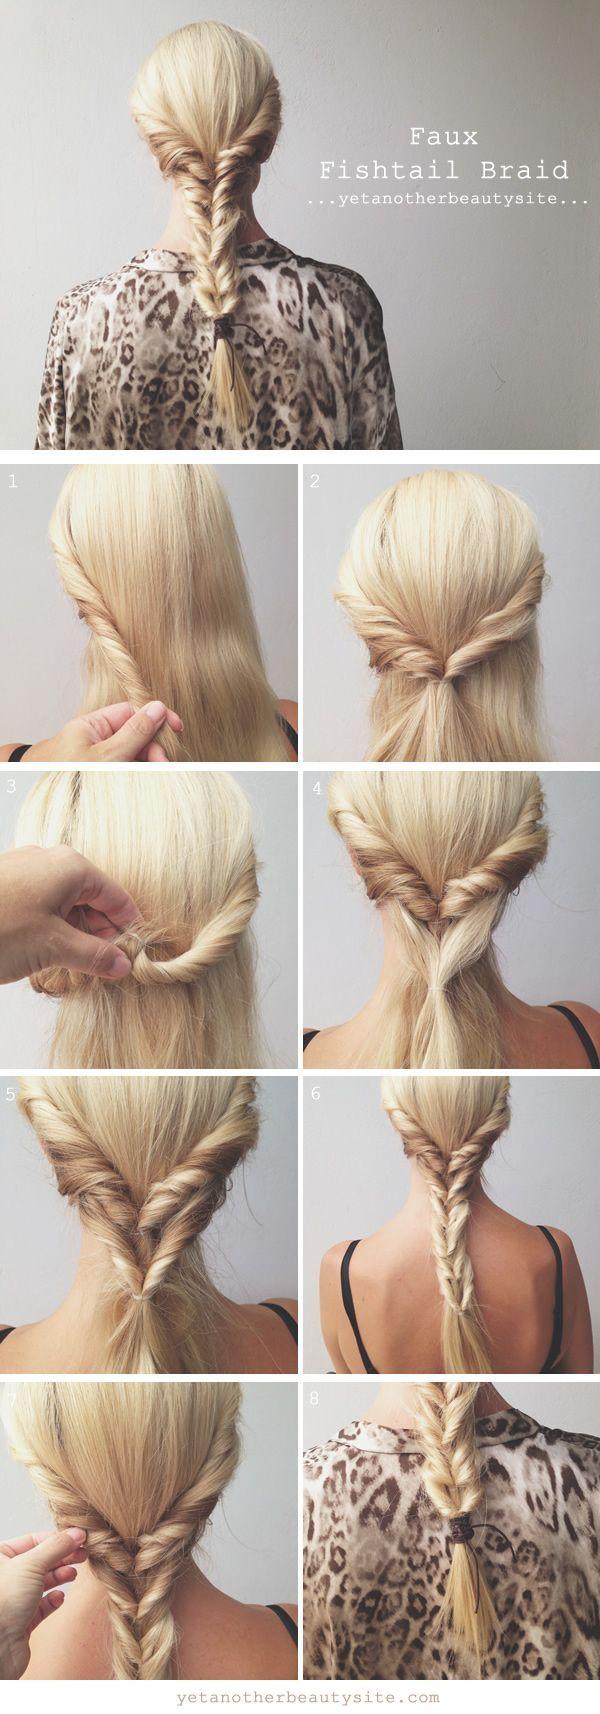 Faux Fishtail Braid Hairstyle Tutorial